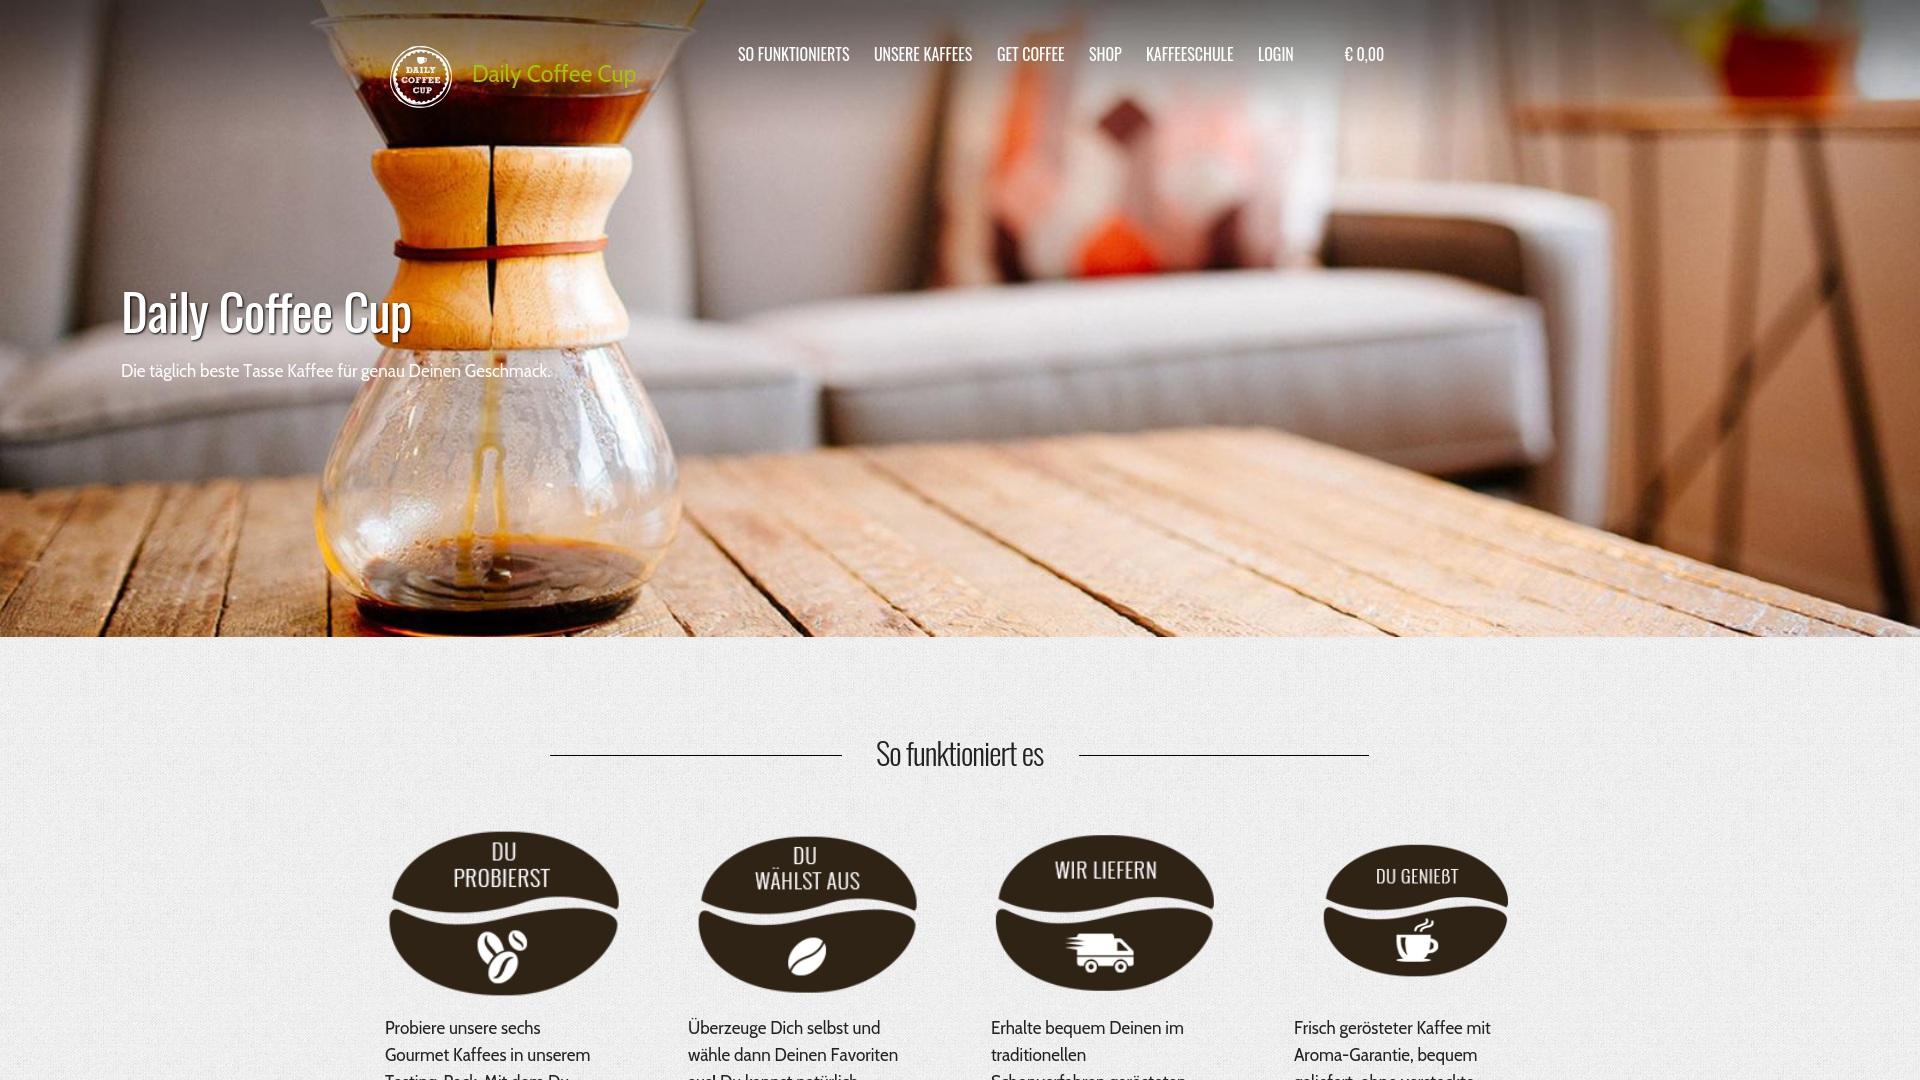 Gutschein für Dailycoffeecup: Rabatte für  Dailycoffeecup sichern